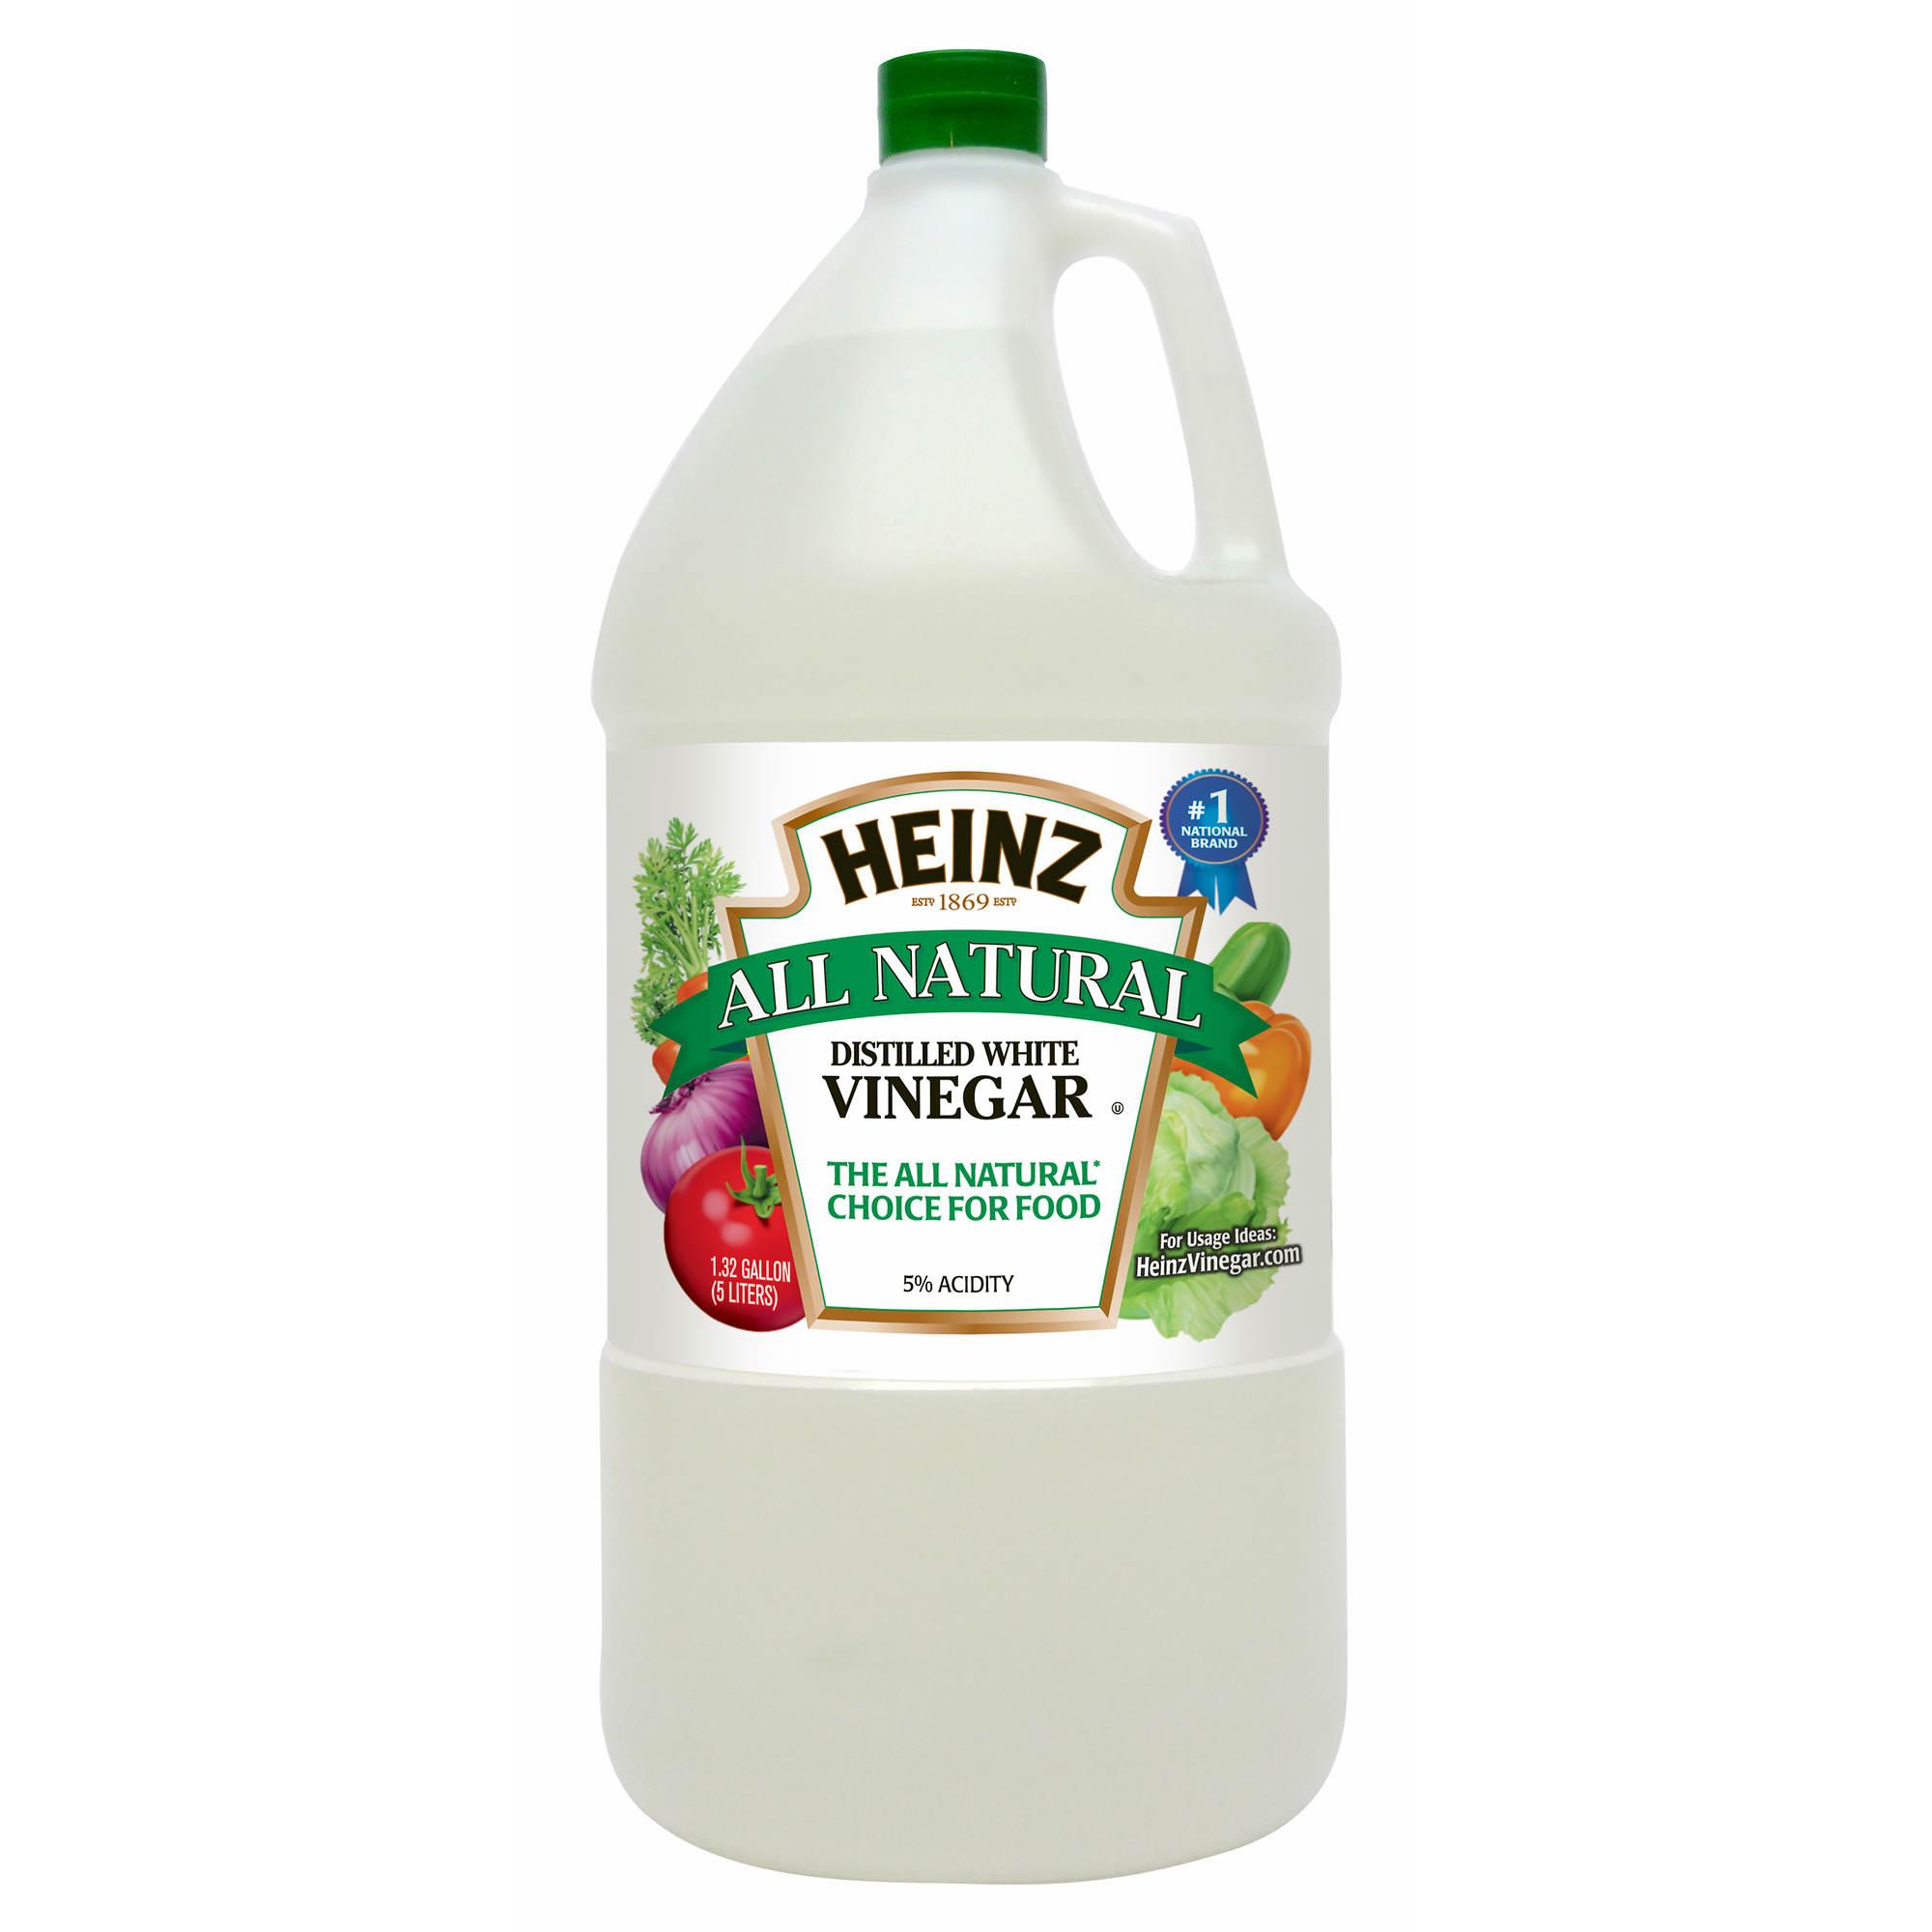 Heinz Distilled White Vinegar, 169 oz.